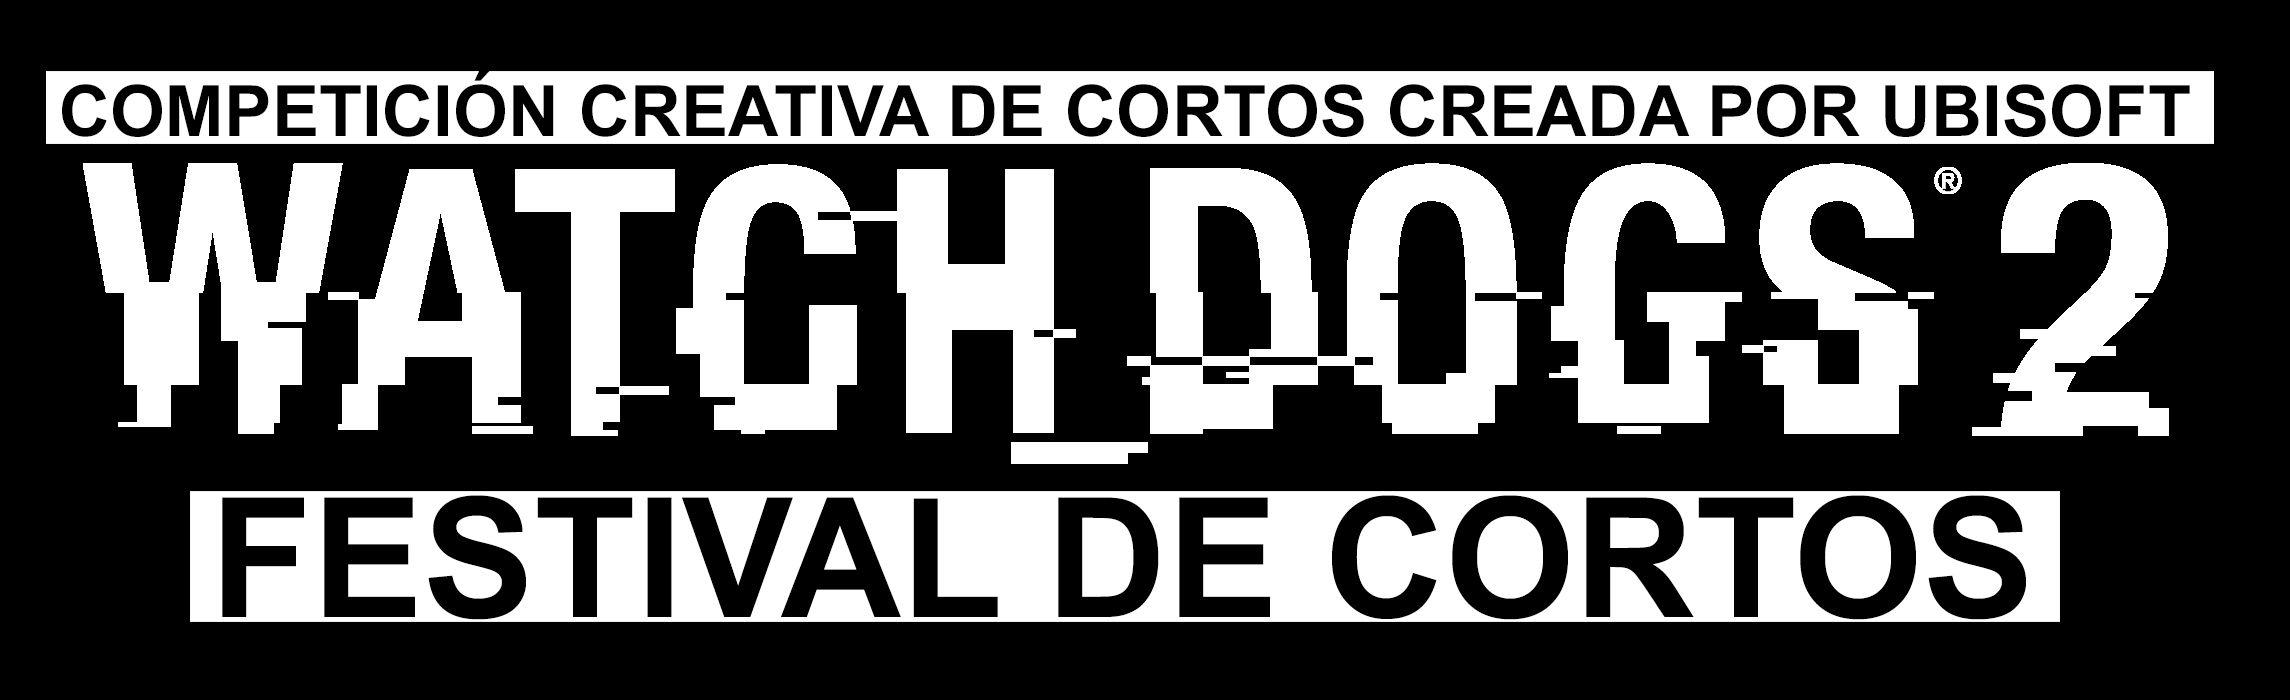 Watch Dogs 2 Festival de Cortos